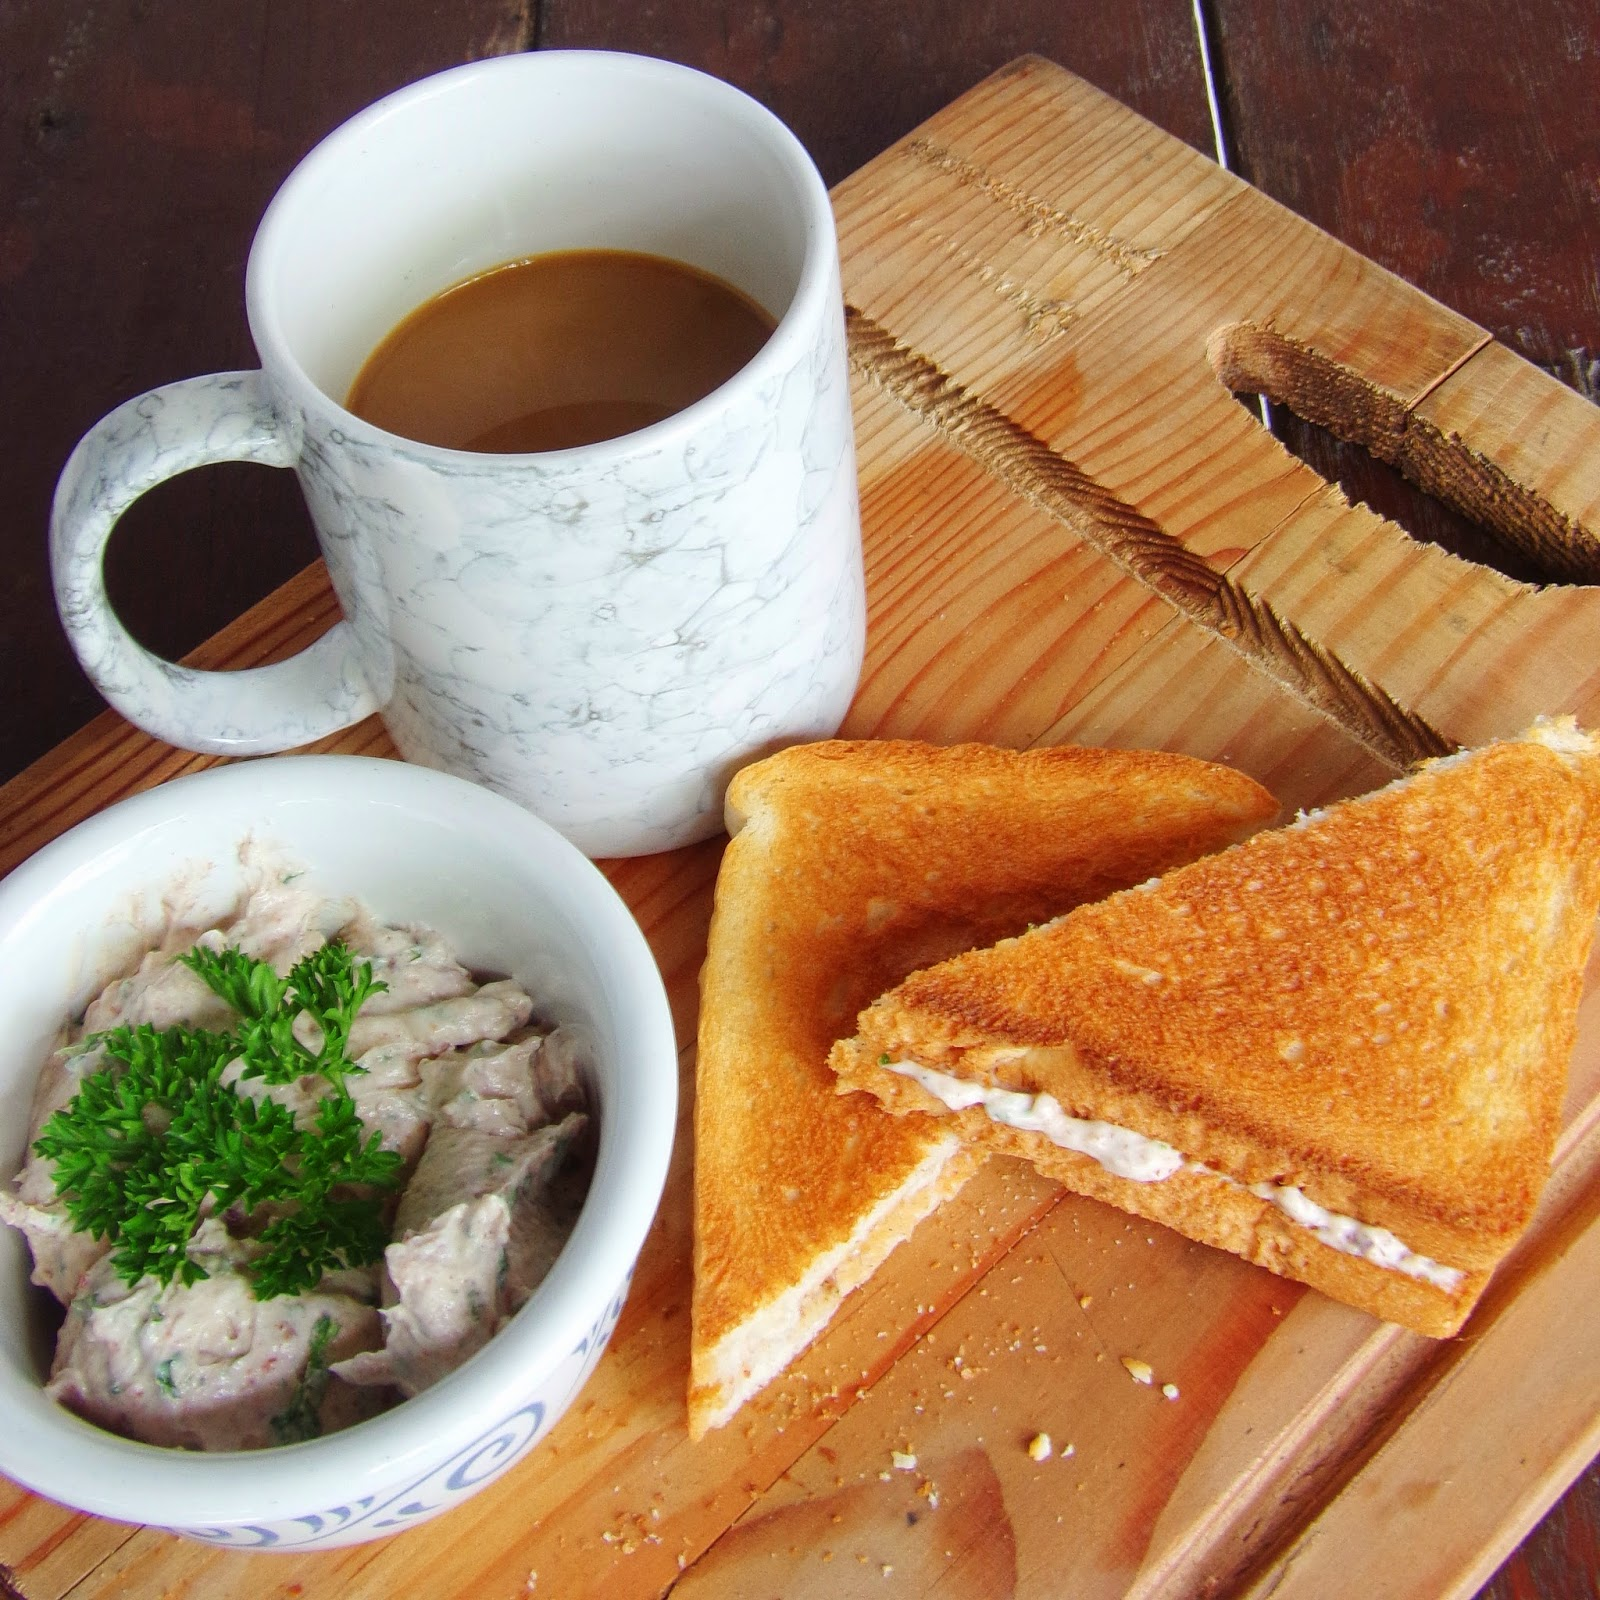 recipes using cream cheese, finger sandwiches, sandwich ideas, reno liver spread, chicken liver recipes, sandwiches recipes, sandwich spread